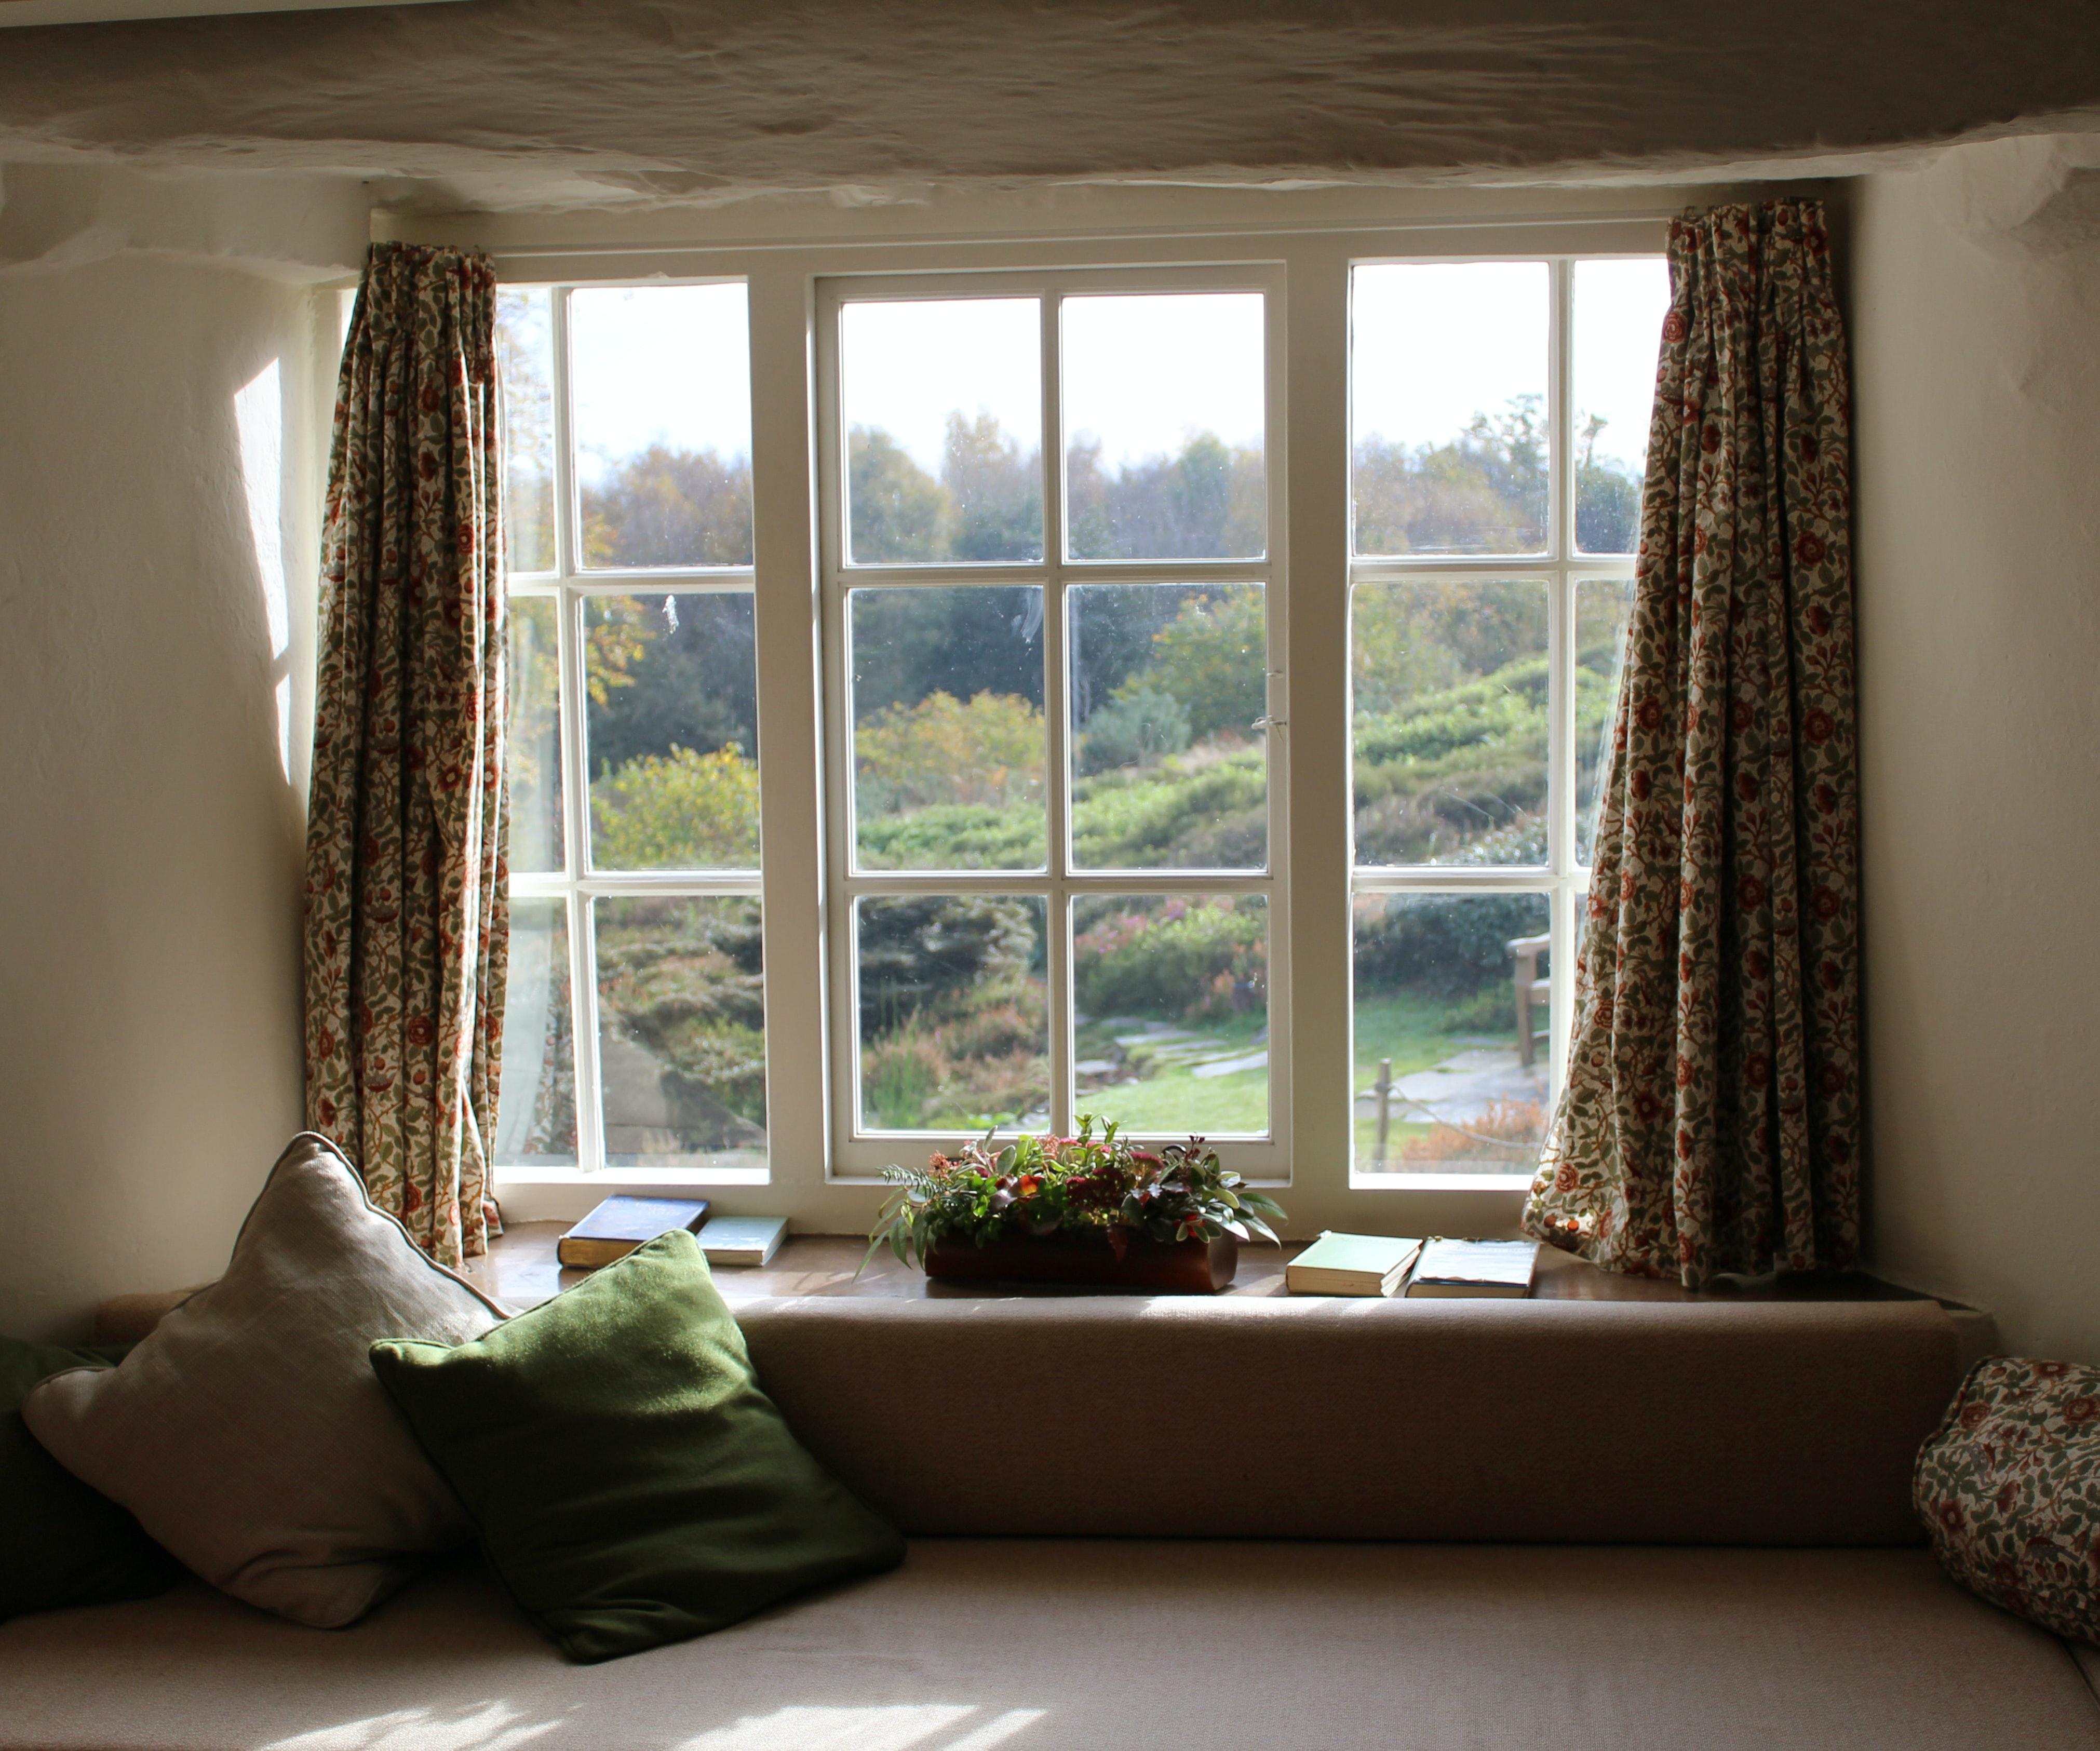 Zasłony czy żaluzje - jak dobrać dekorację okienną do wystroju? - Zdjęcie główne